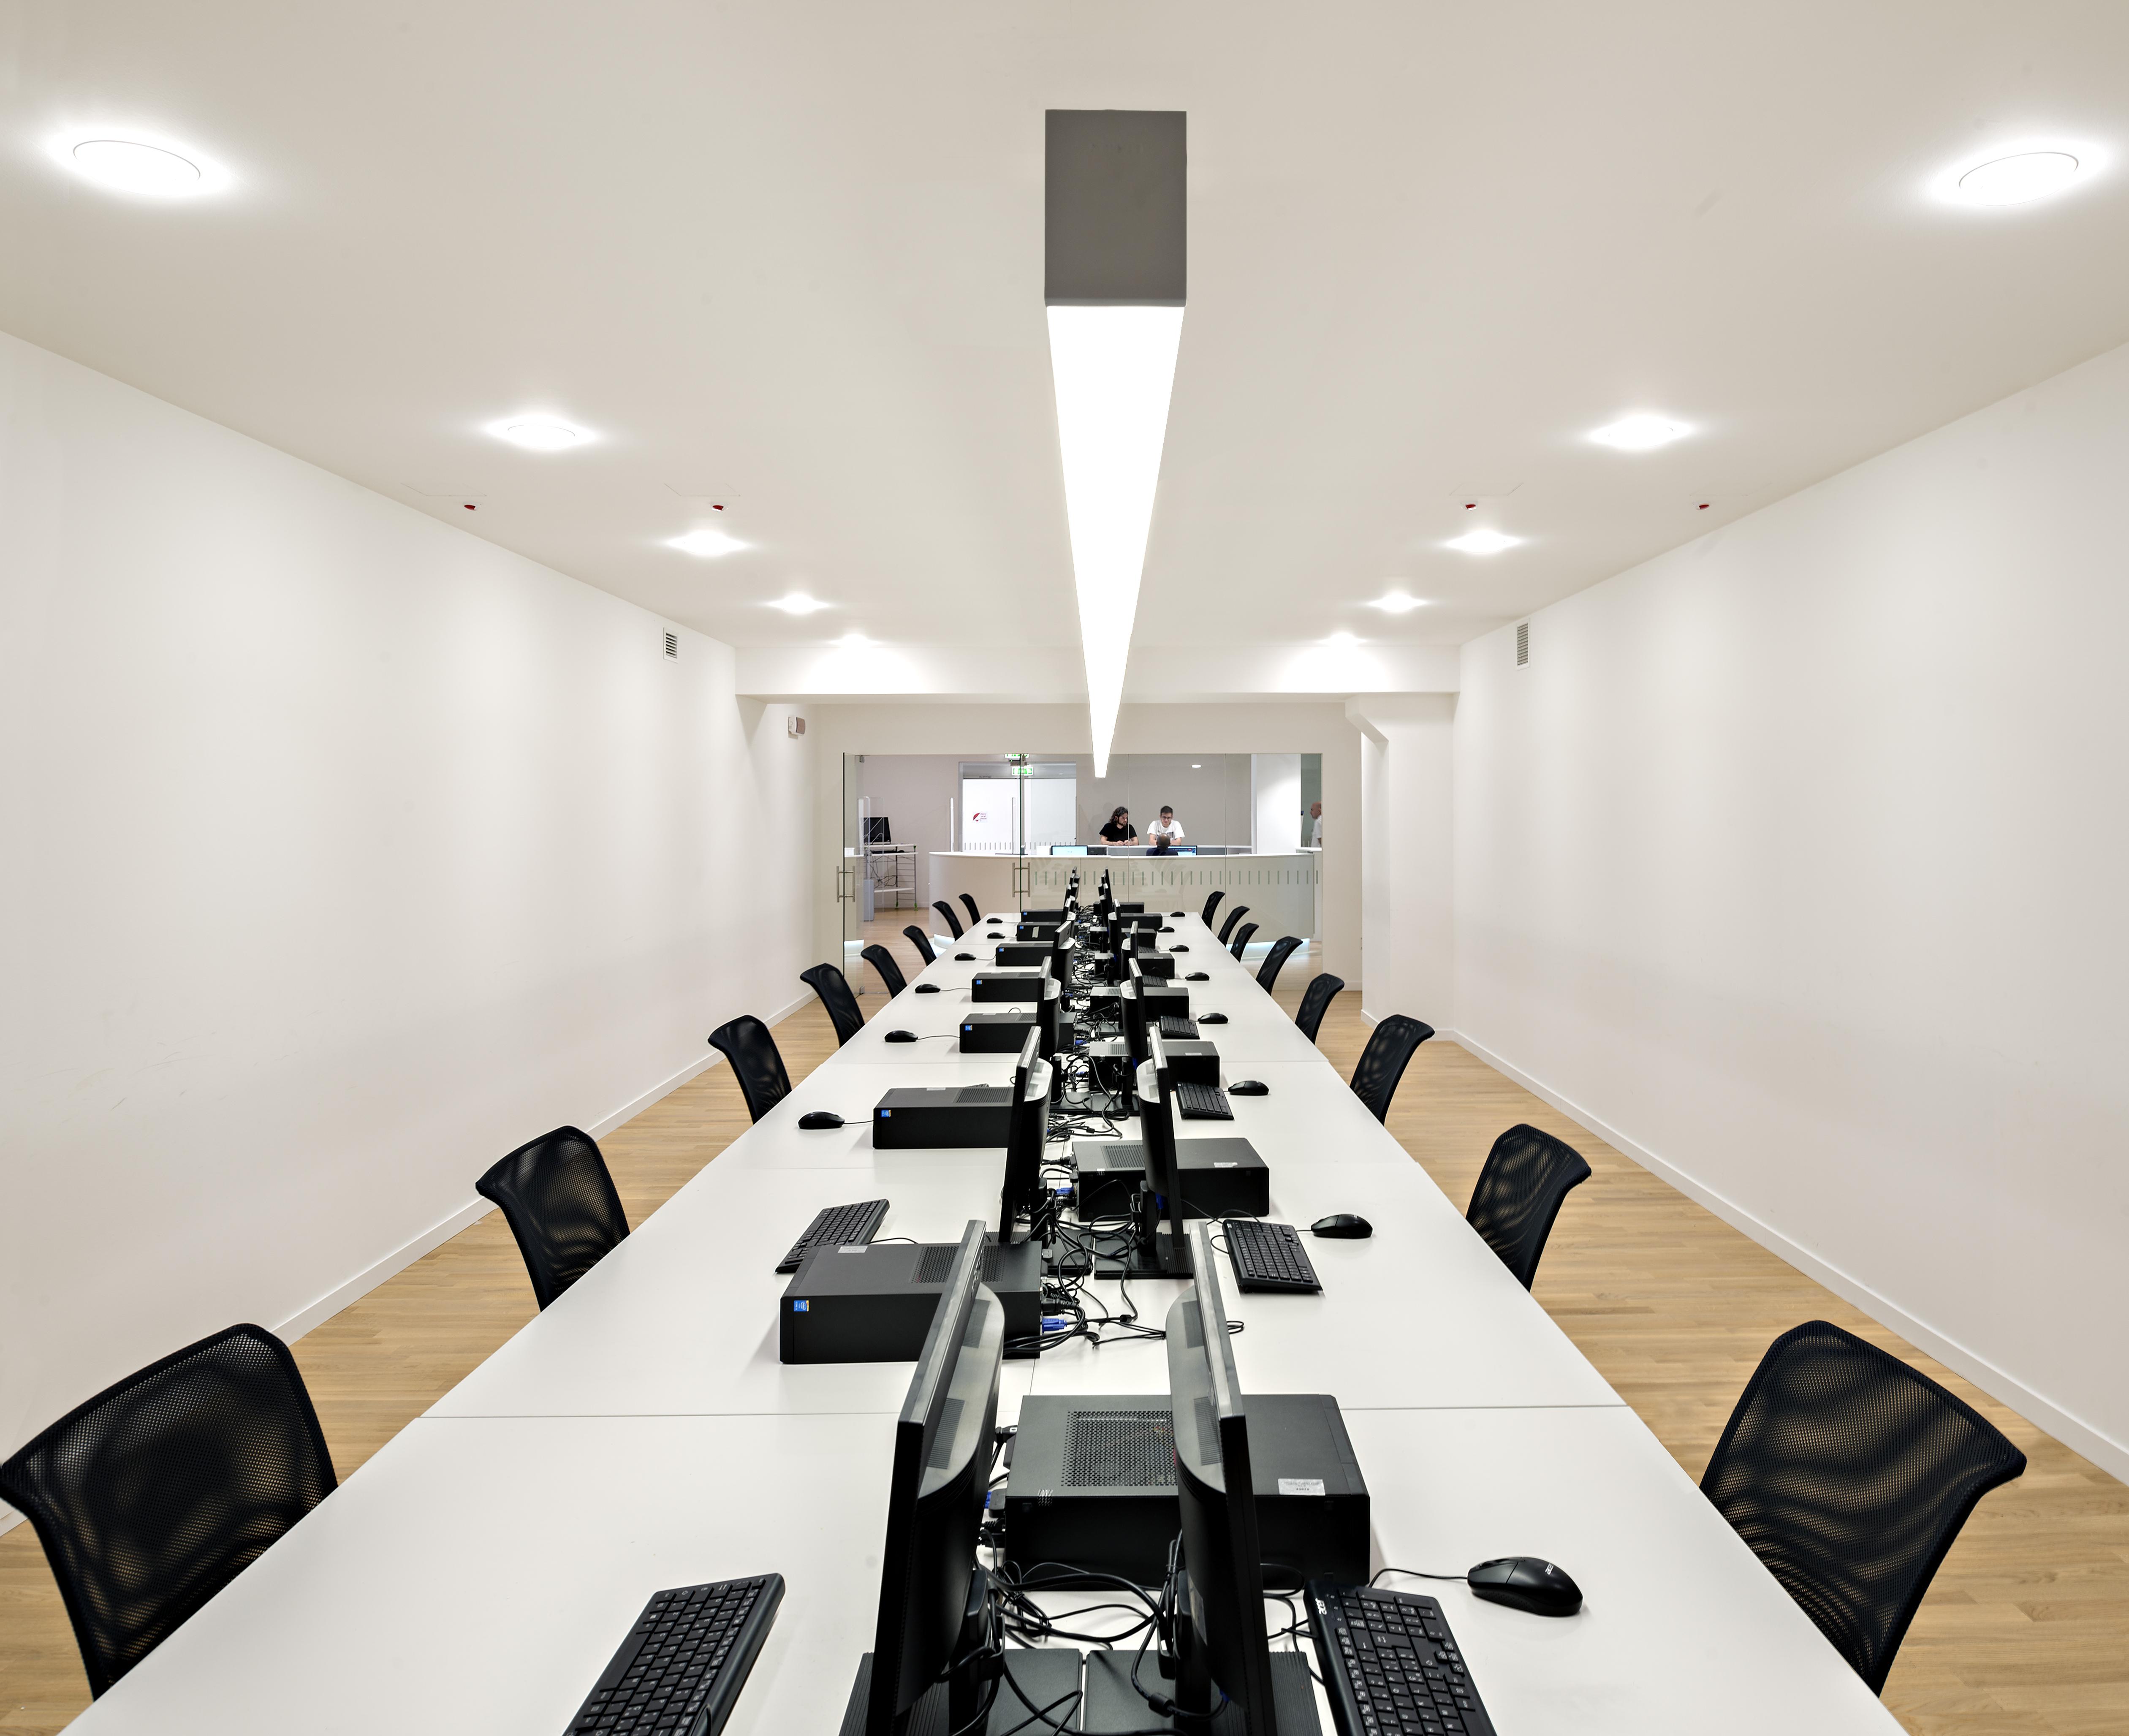 Luce diffusa per la riconfigurazione dello spazio luce e design